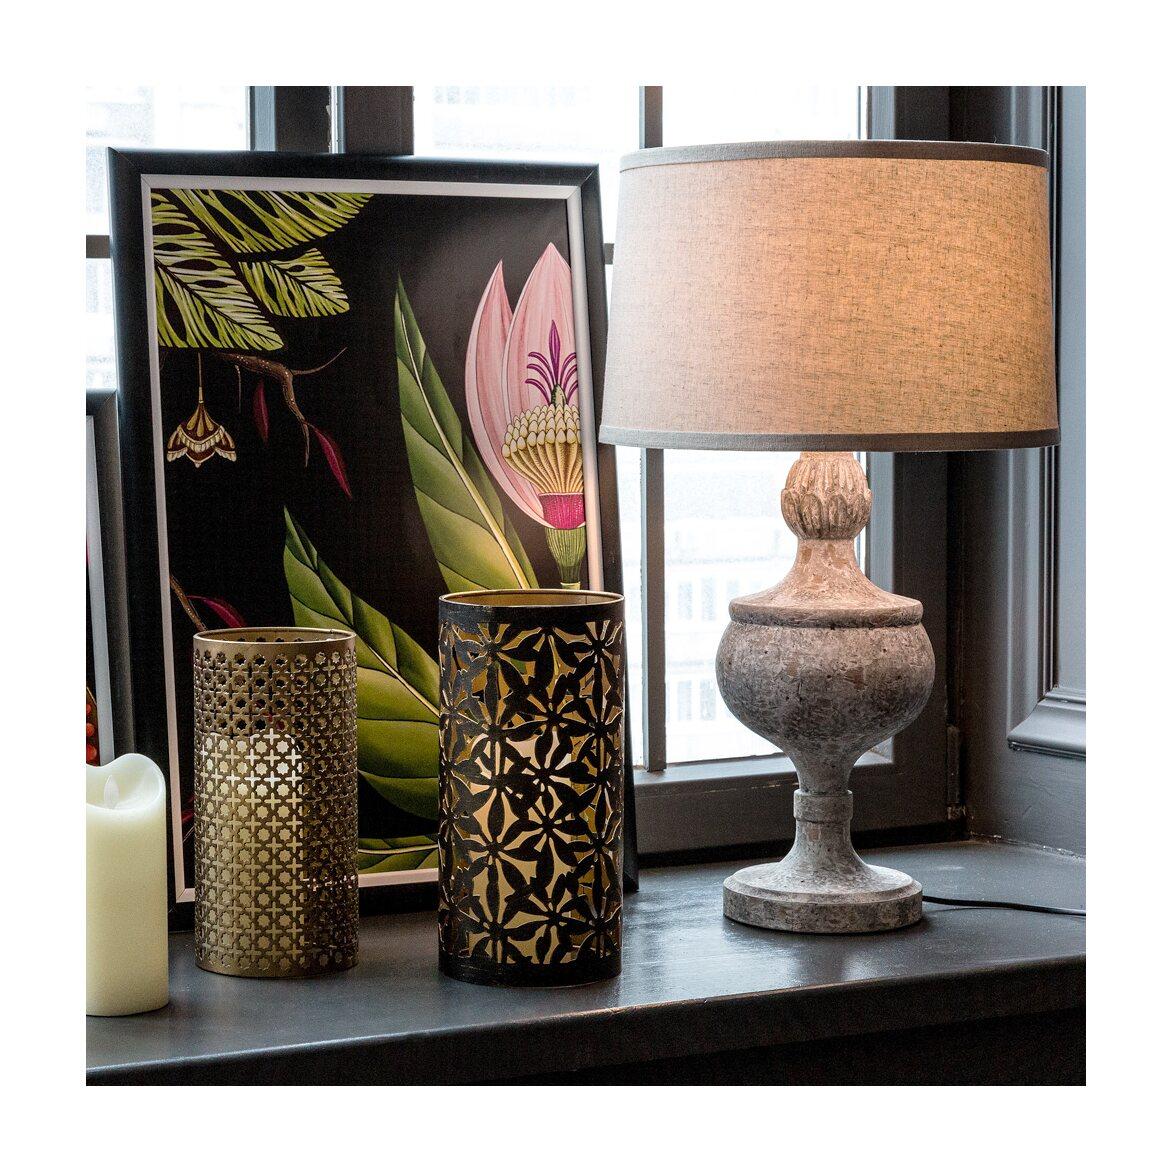 Настольная лампа «Сюбиз» 2 | Настольные лампы Kingsby